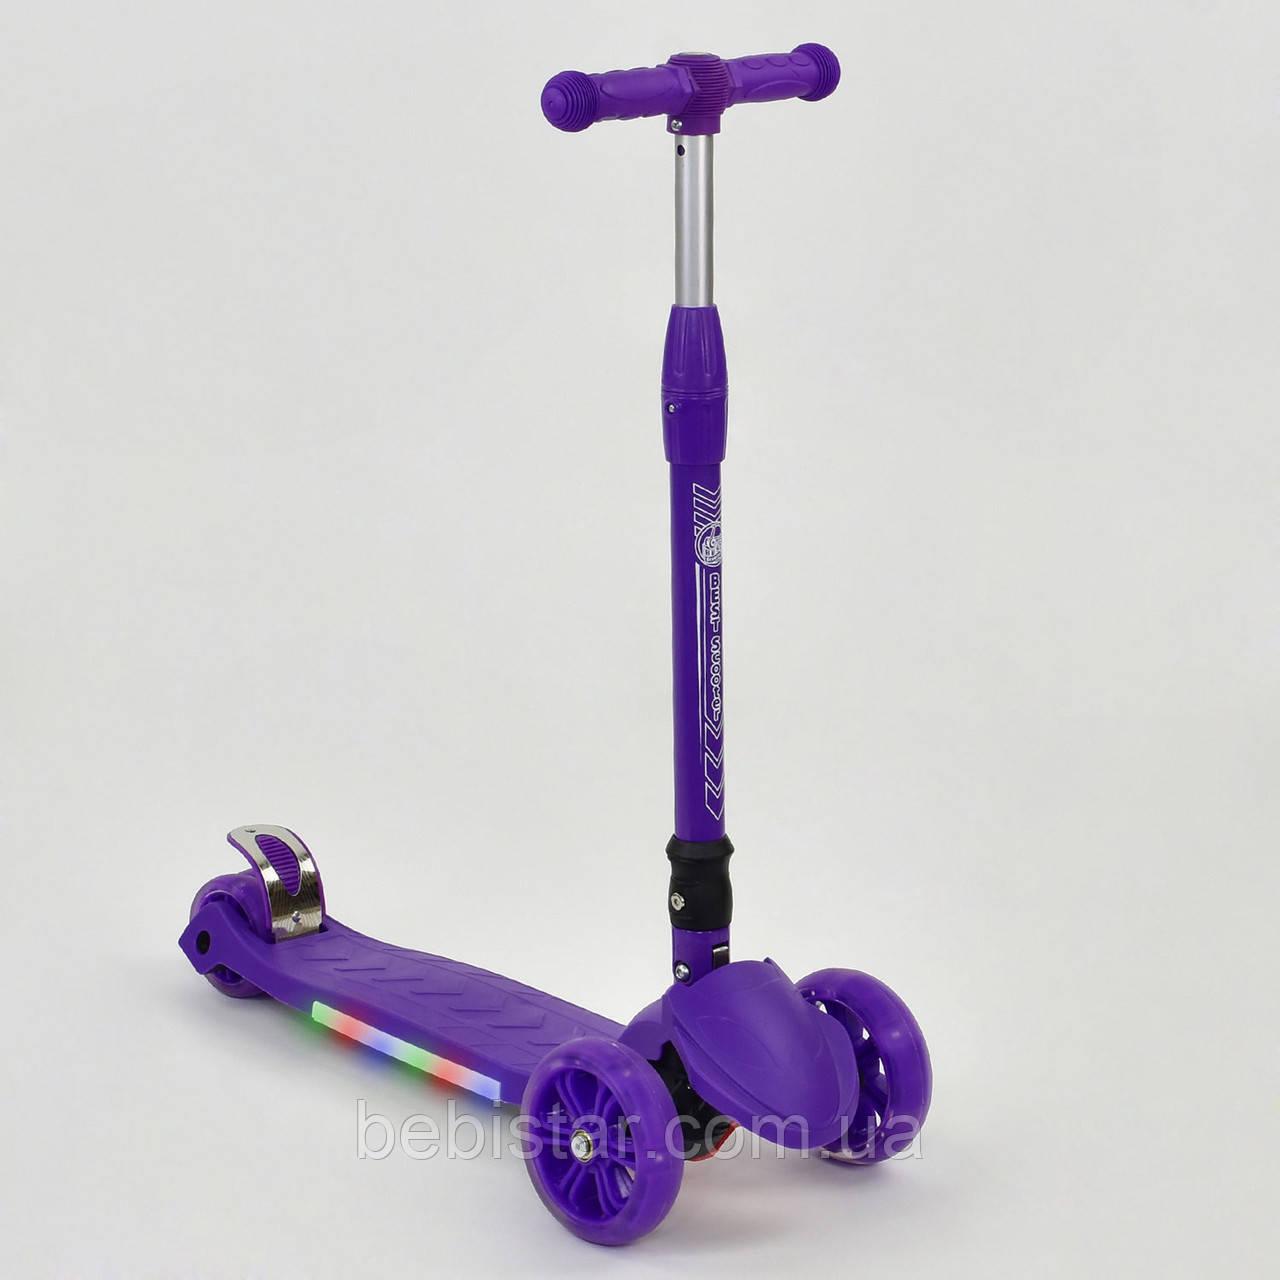 Самокат детский складной фиолетовый со светящимися колесами и подсветкой платформы Best Scooter